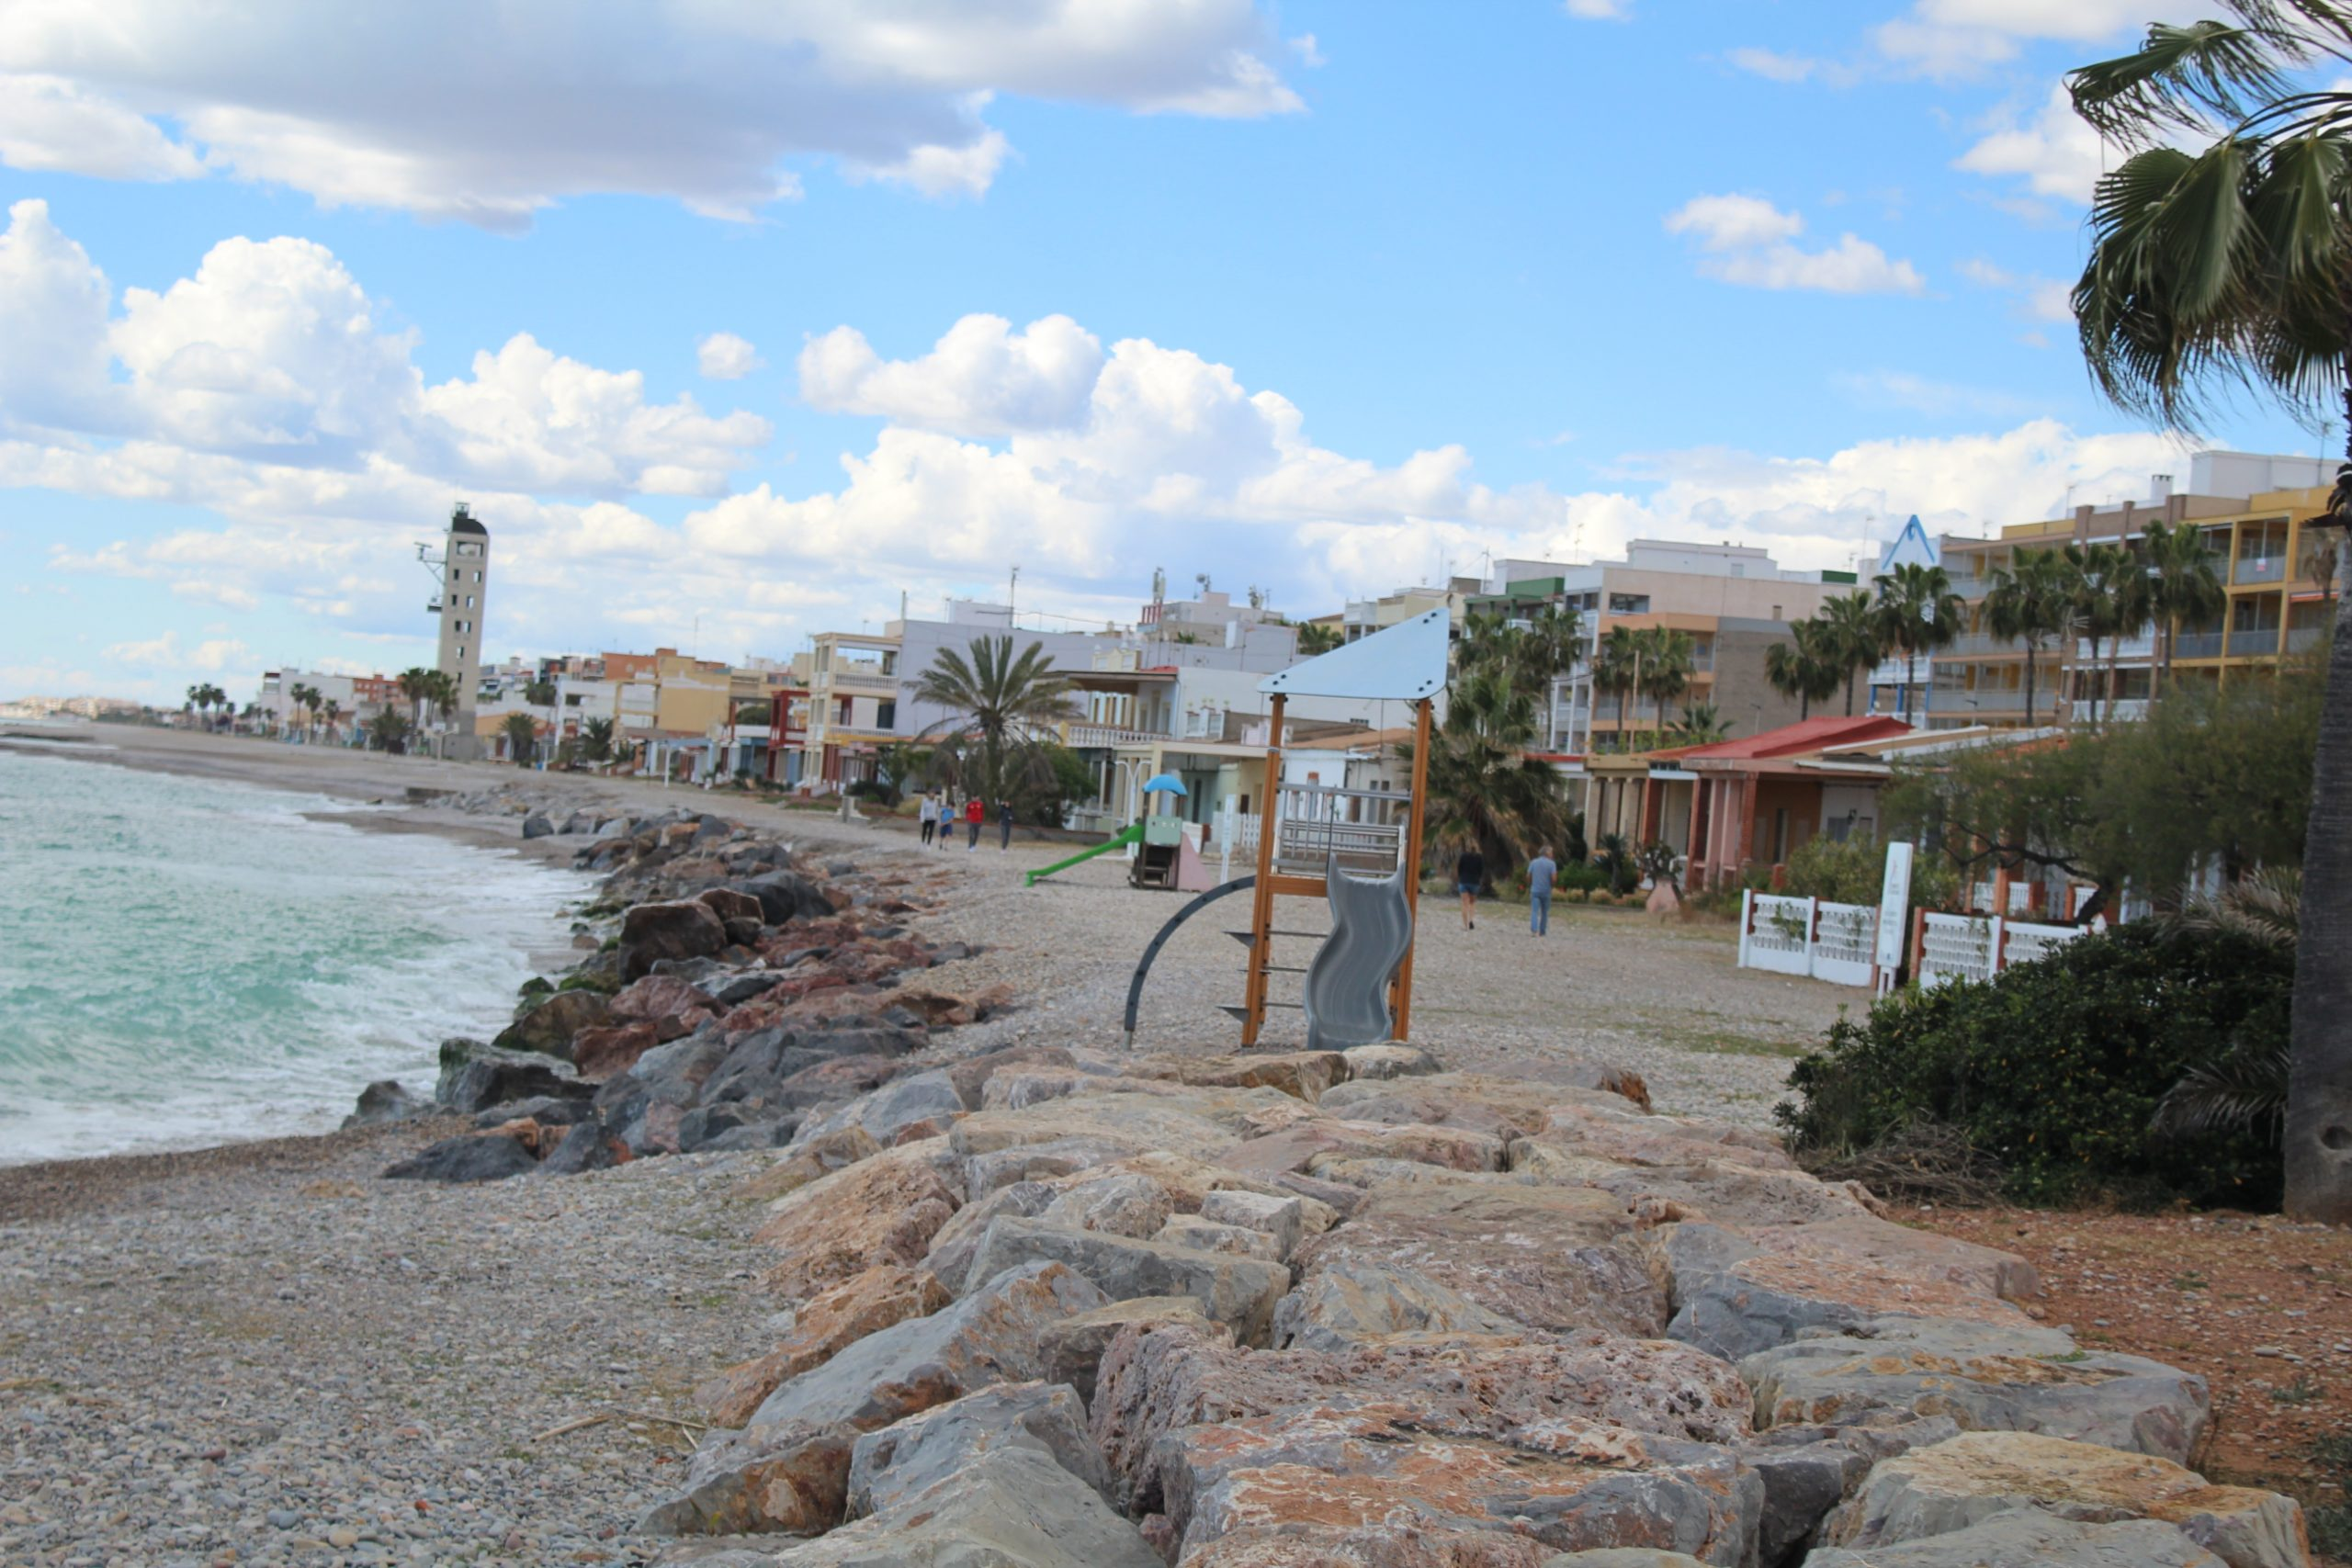 Nules quiere dotar a sus playas de un nuevo kiosco